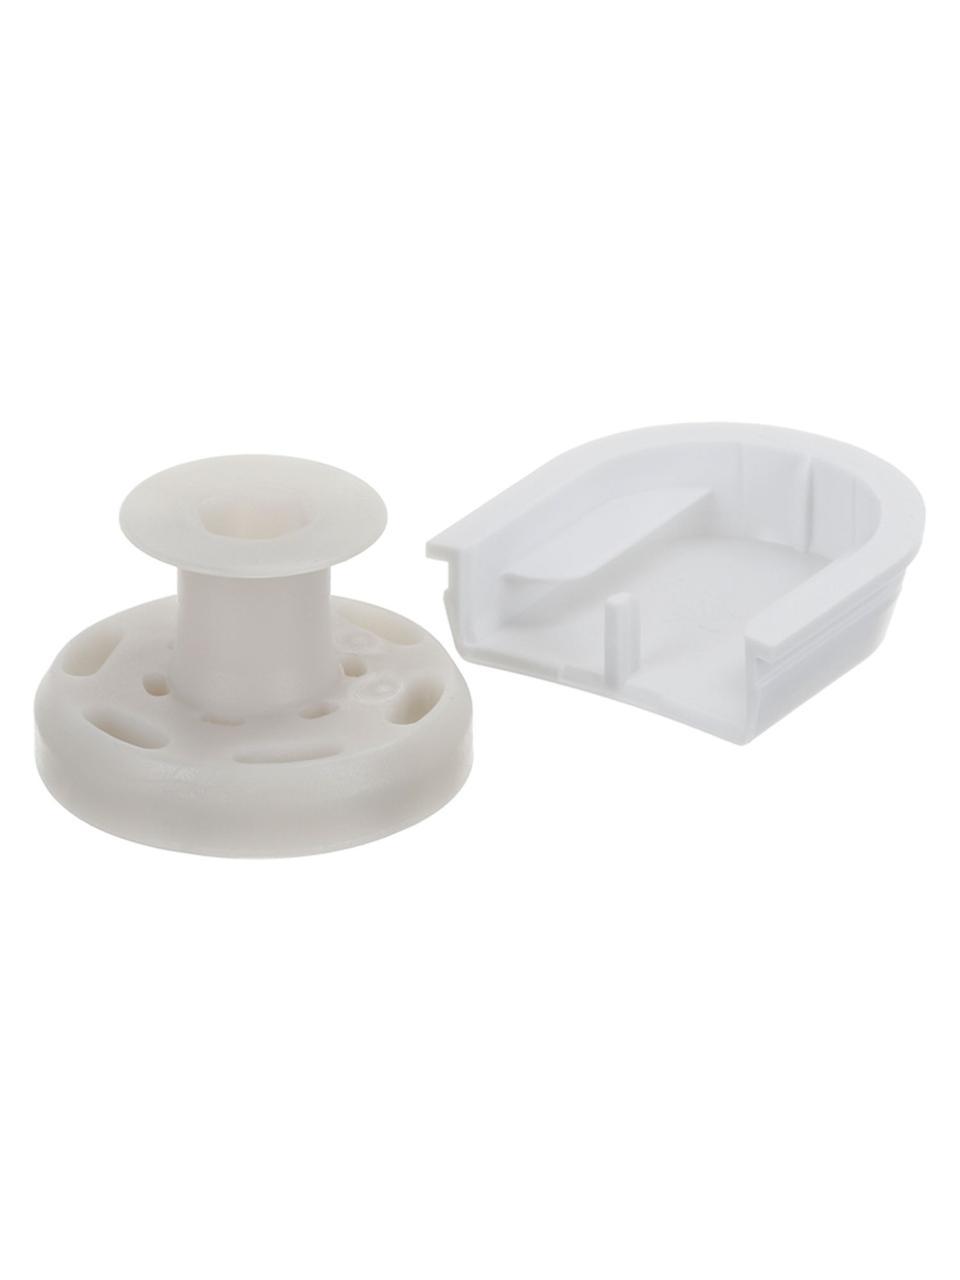 Соединение к оси резки для кухонного комбайна Bosch, Siemens 00032884